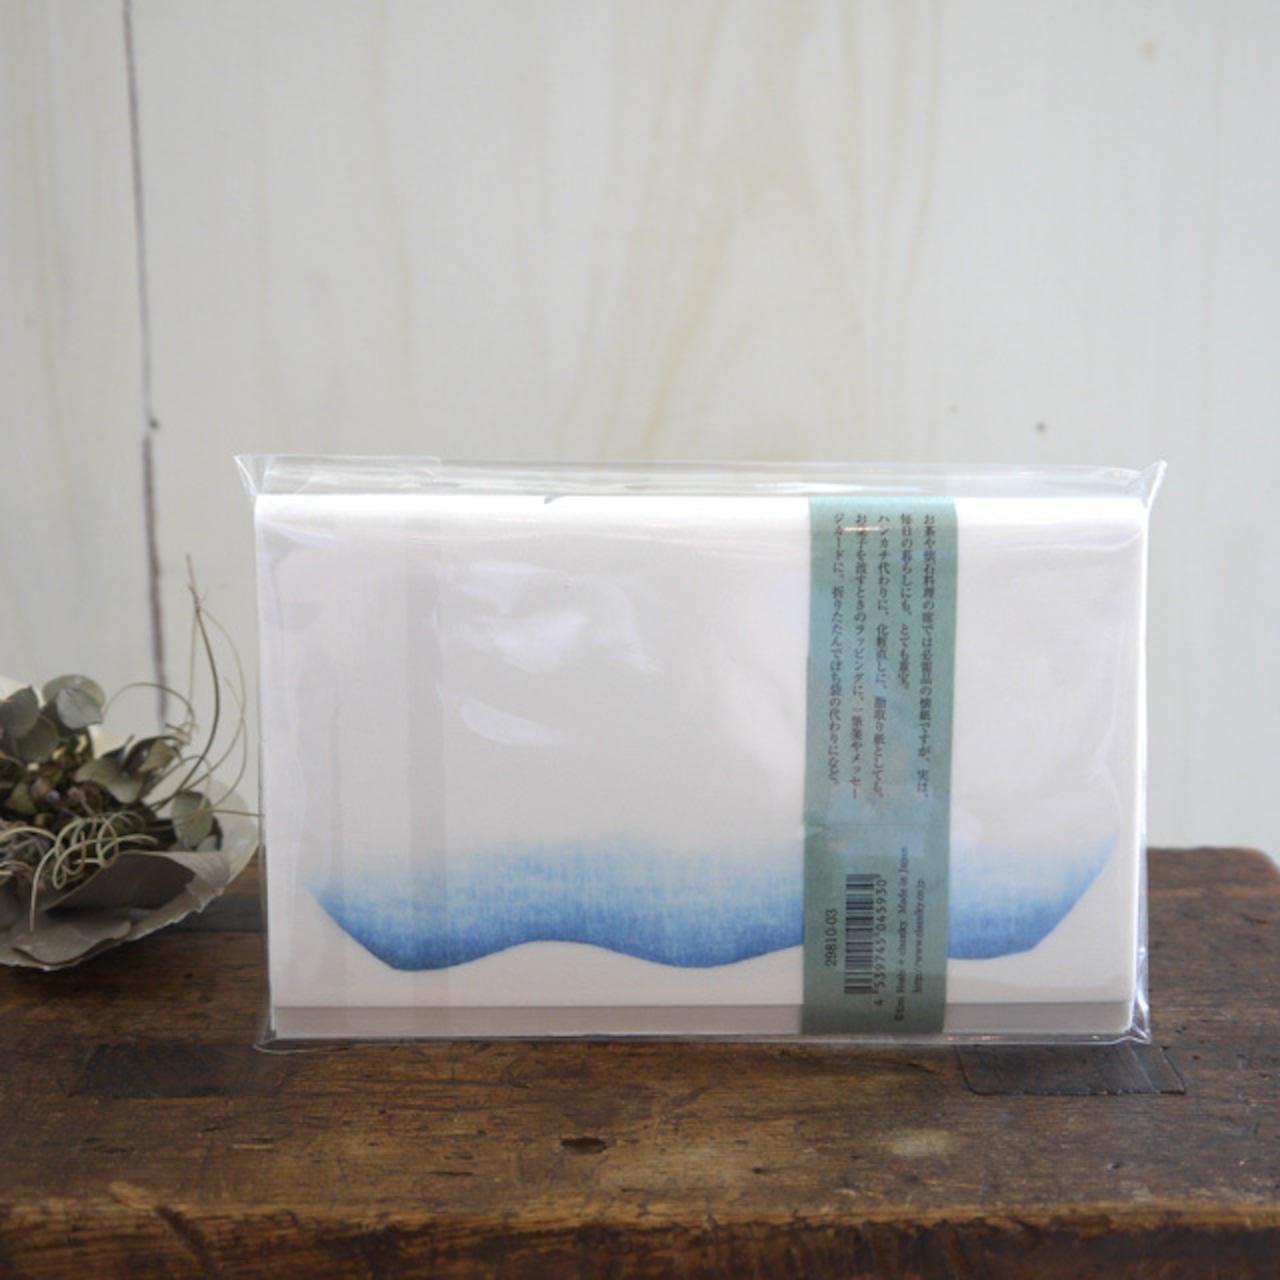 <倉敷意匠>雨玉舎 懐紙 24枚入(金魚鉢)